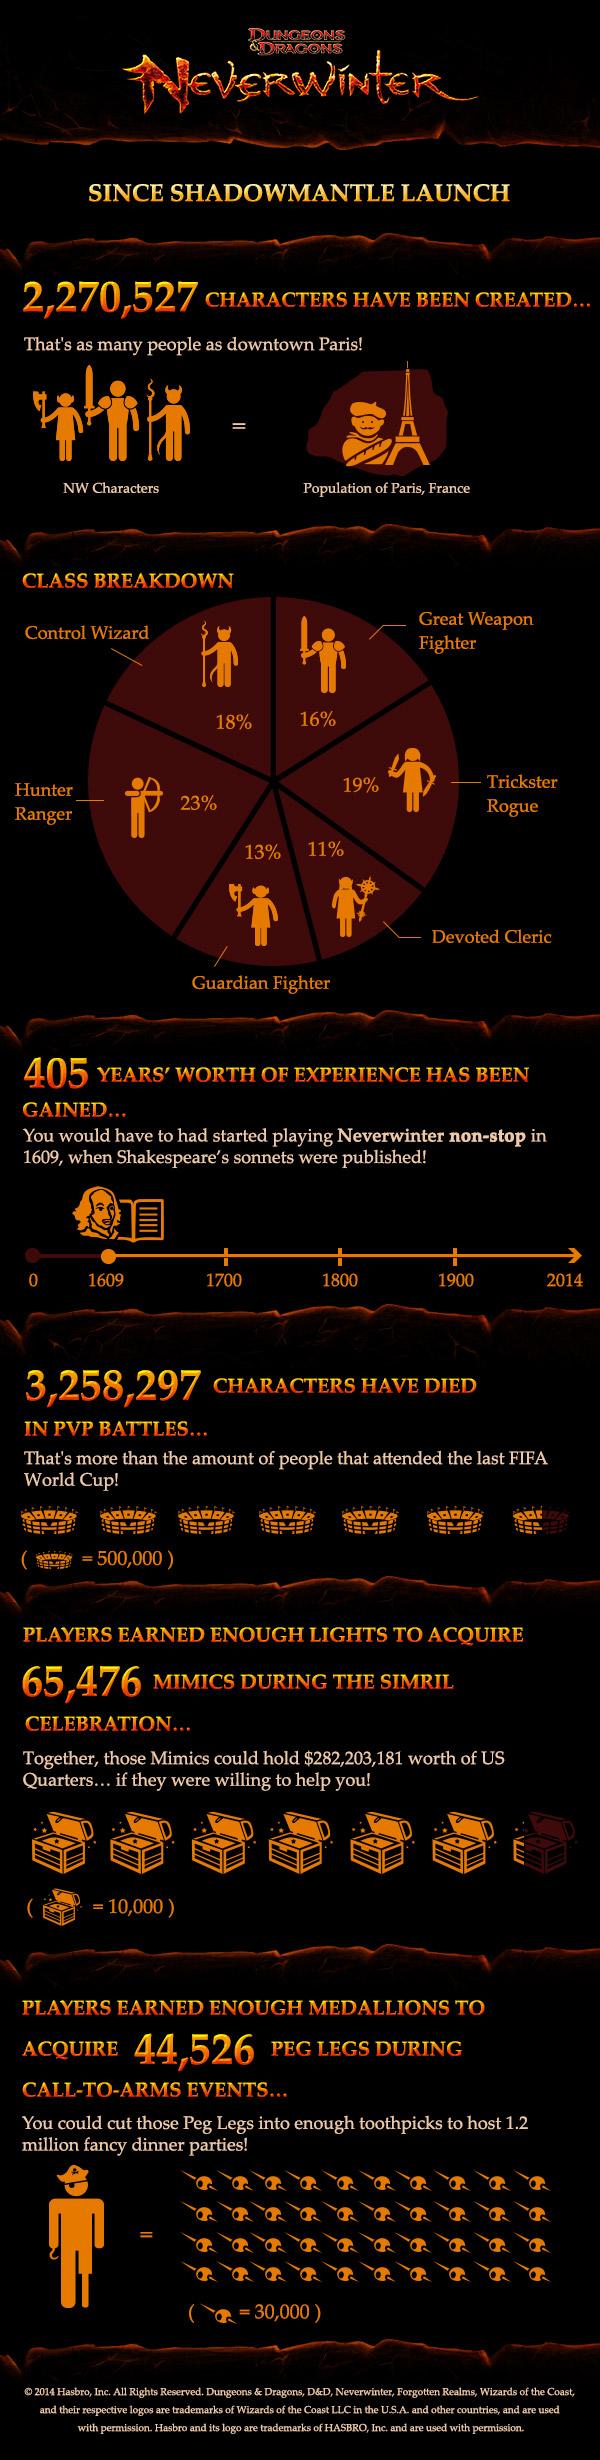 Más de 2 millones de personajes se han creado en Neverwinter desde su lanzamiento